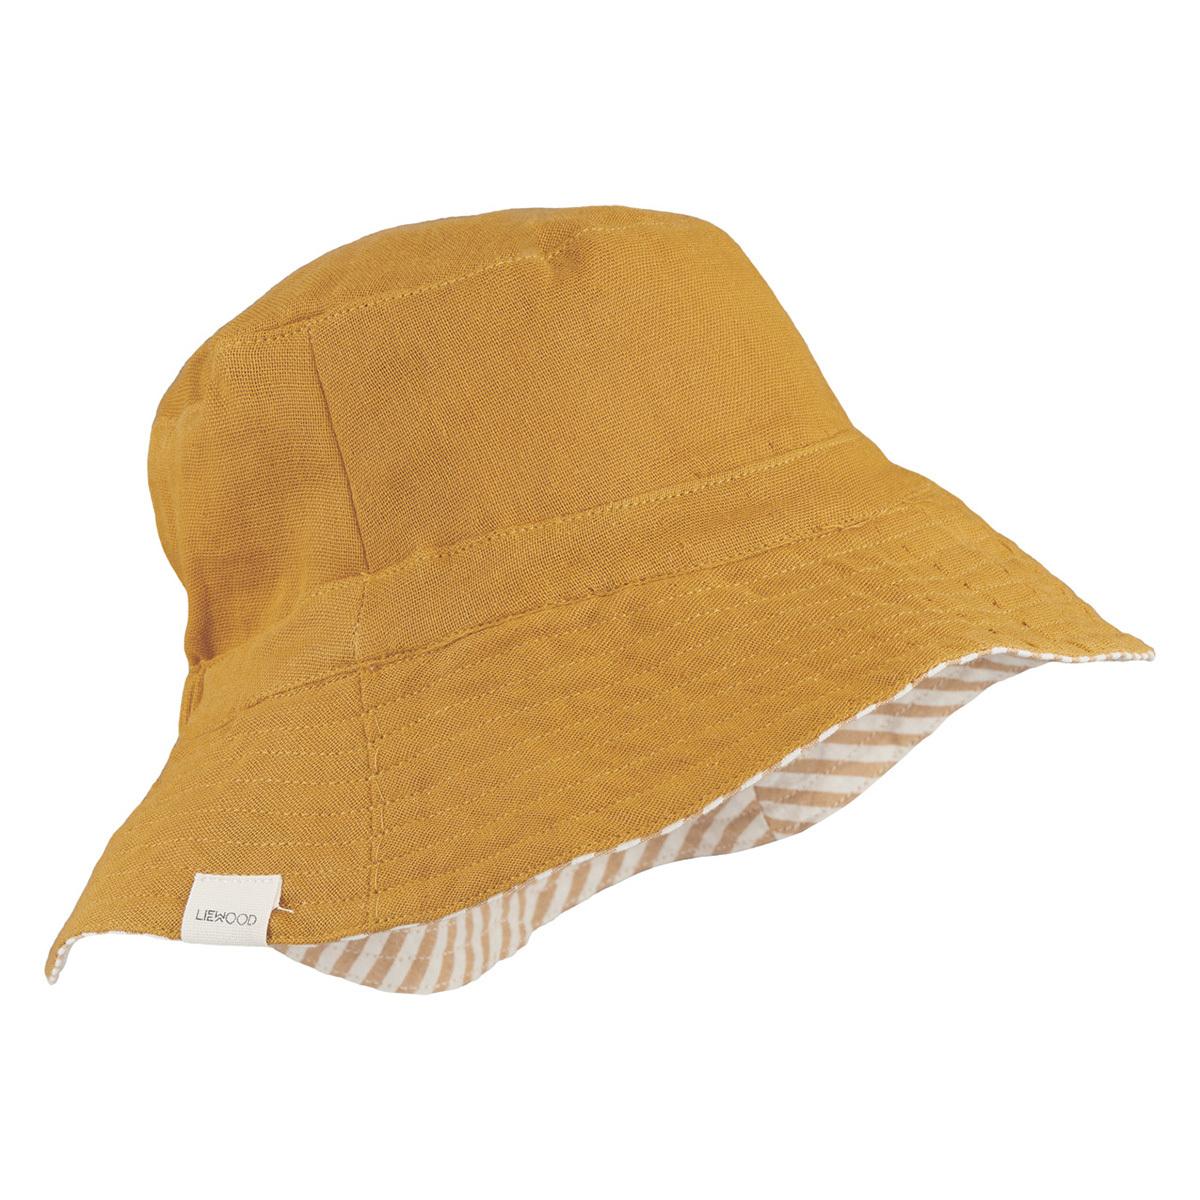 Accessoires bébé Chapeau Bob Buddy Mustard - 9/12 Mois Chapeau Bob Buddy Mustard - 9/12 Mois